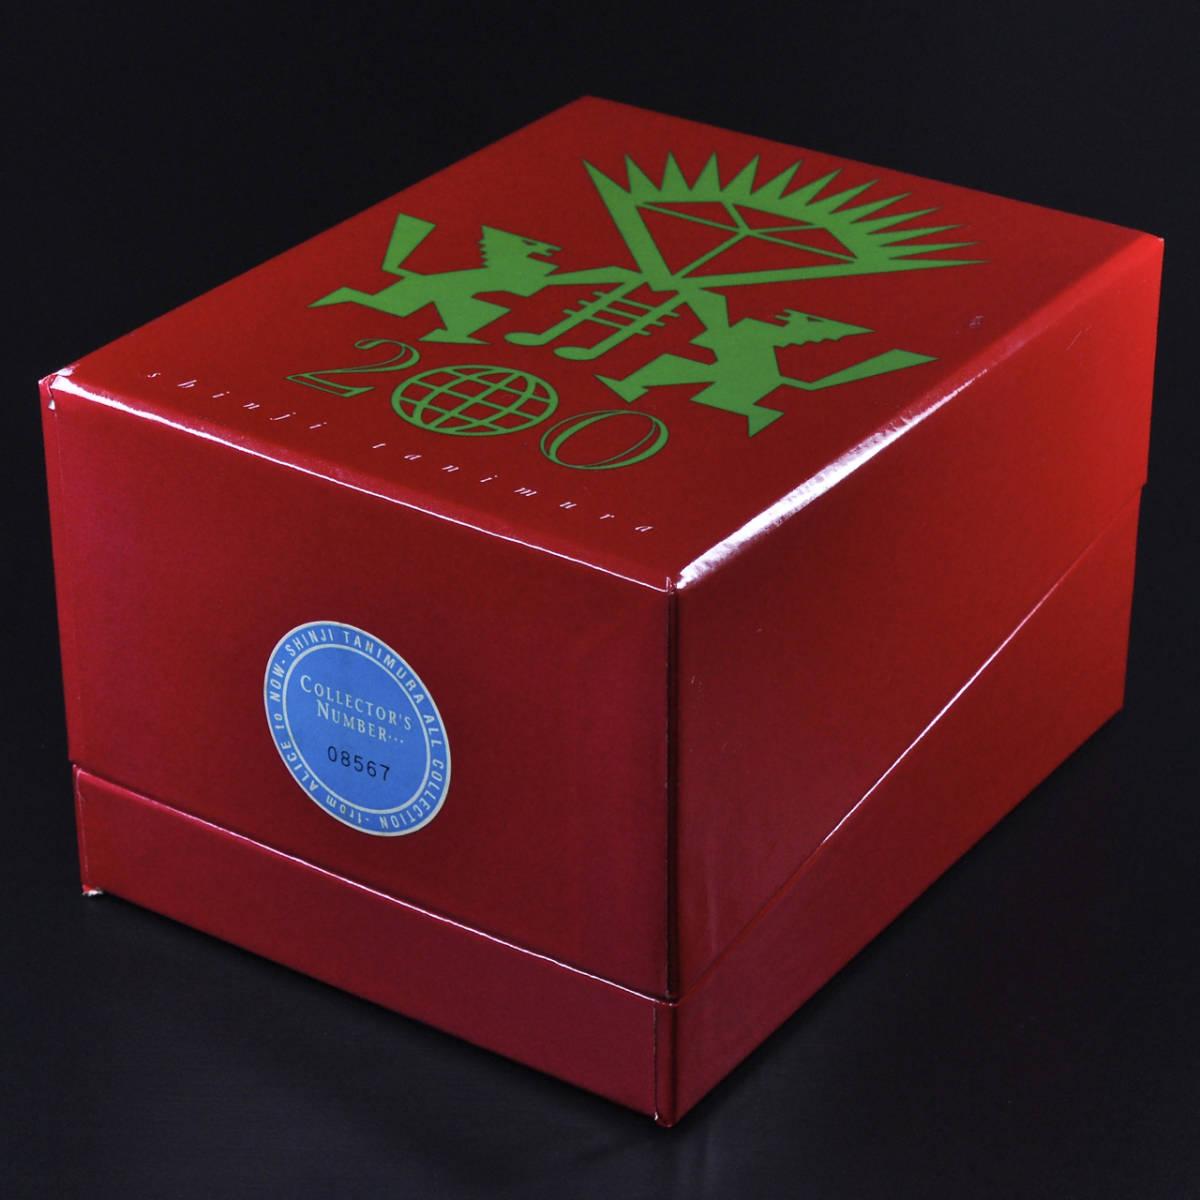 [長期保管/CD/中古品]谷村新司「SHINJI TANIMURA ALL COLLECTION」6CDBOX 全74曲 アリス 群青 昴 チャンピオン いい日旅立ち far away